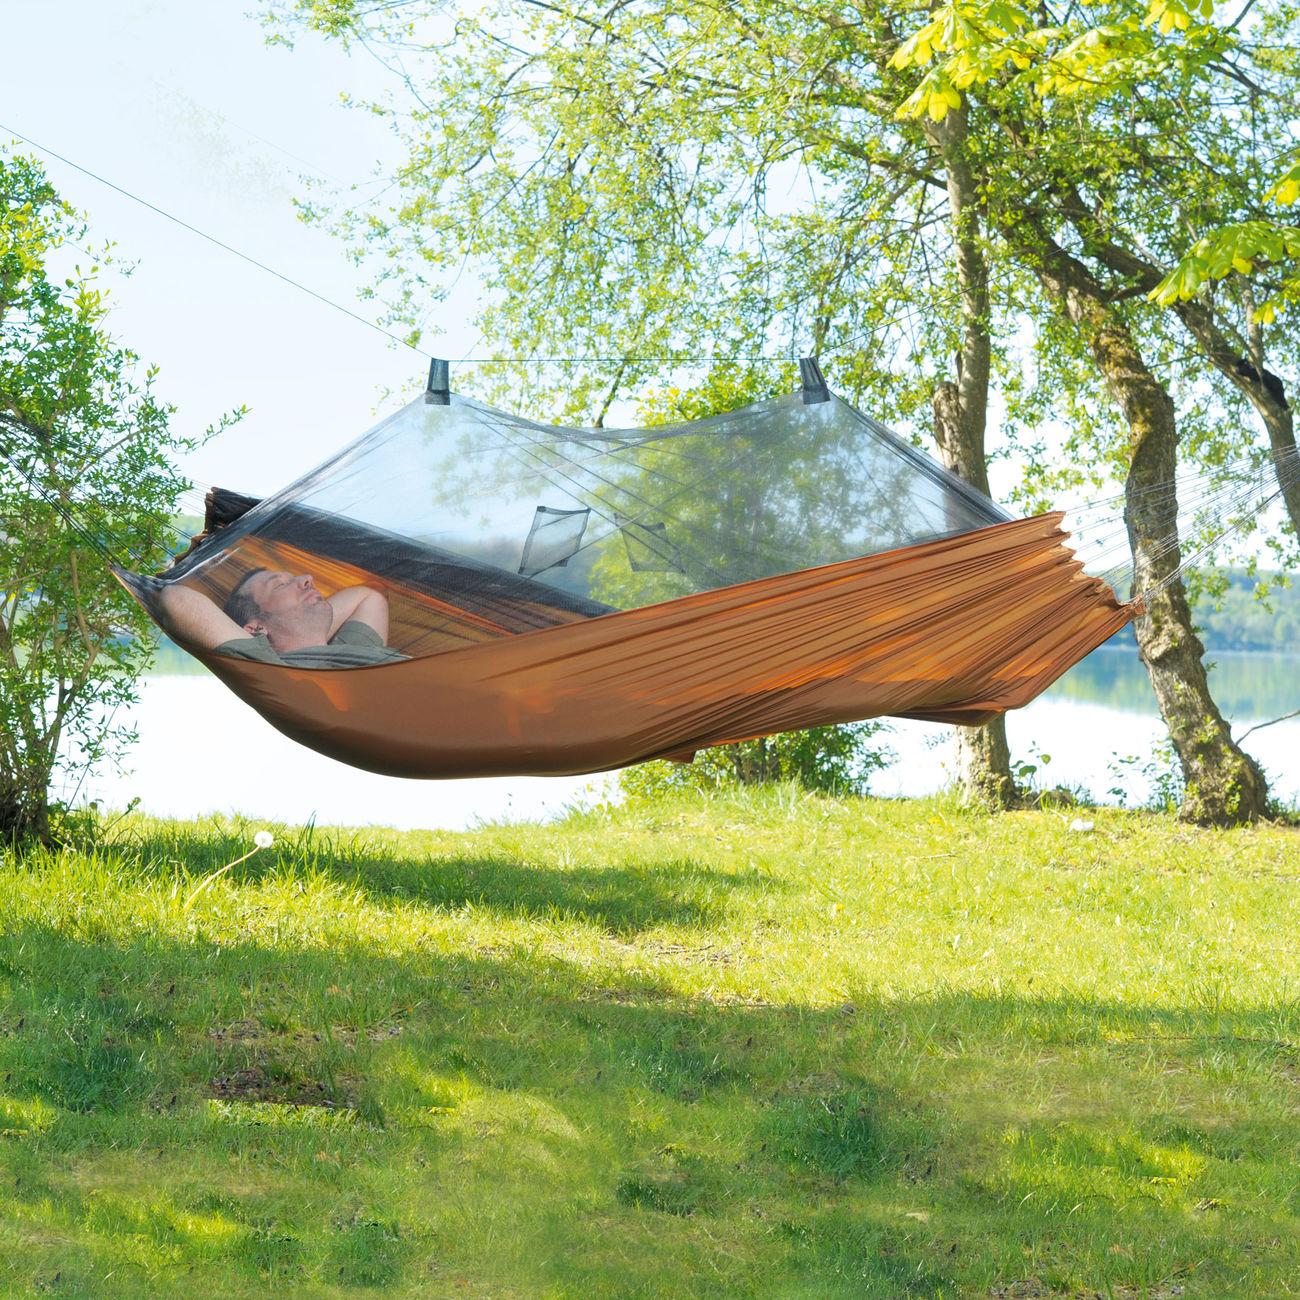 amazonas h ngematte moskito traveller pro kotte zeller. Black Bedroom Furniture Sets. Home Design Ideas